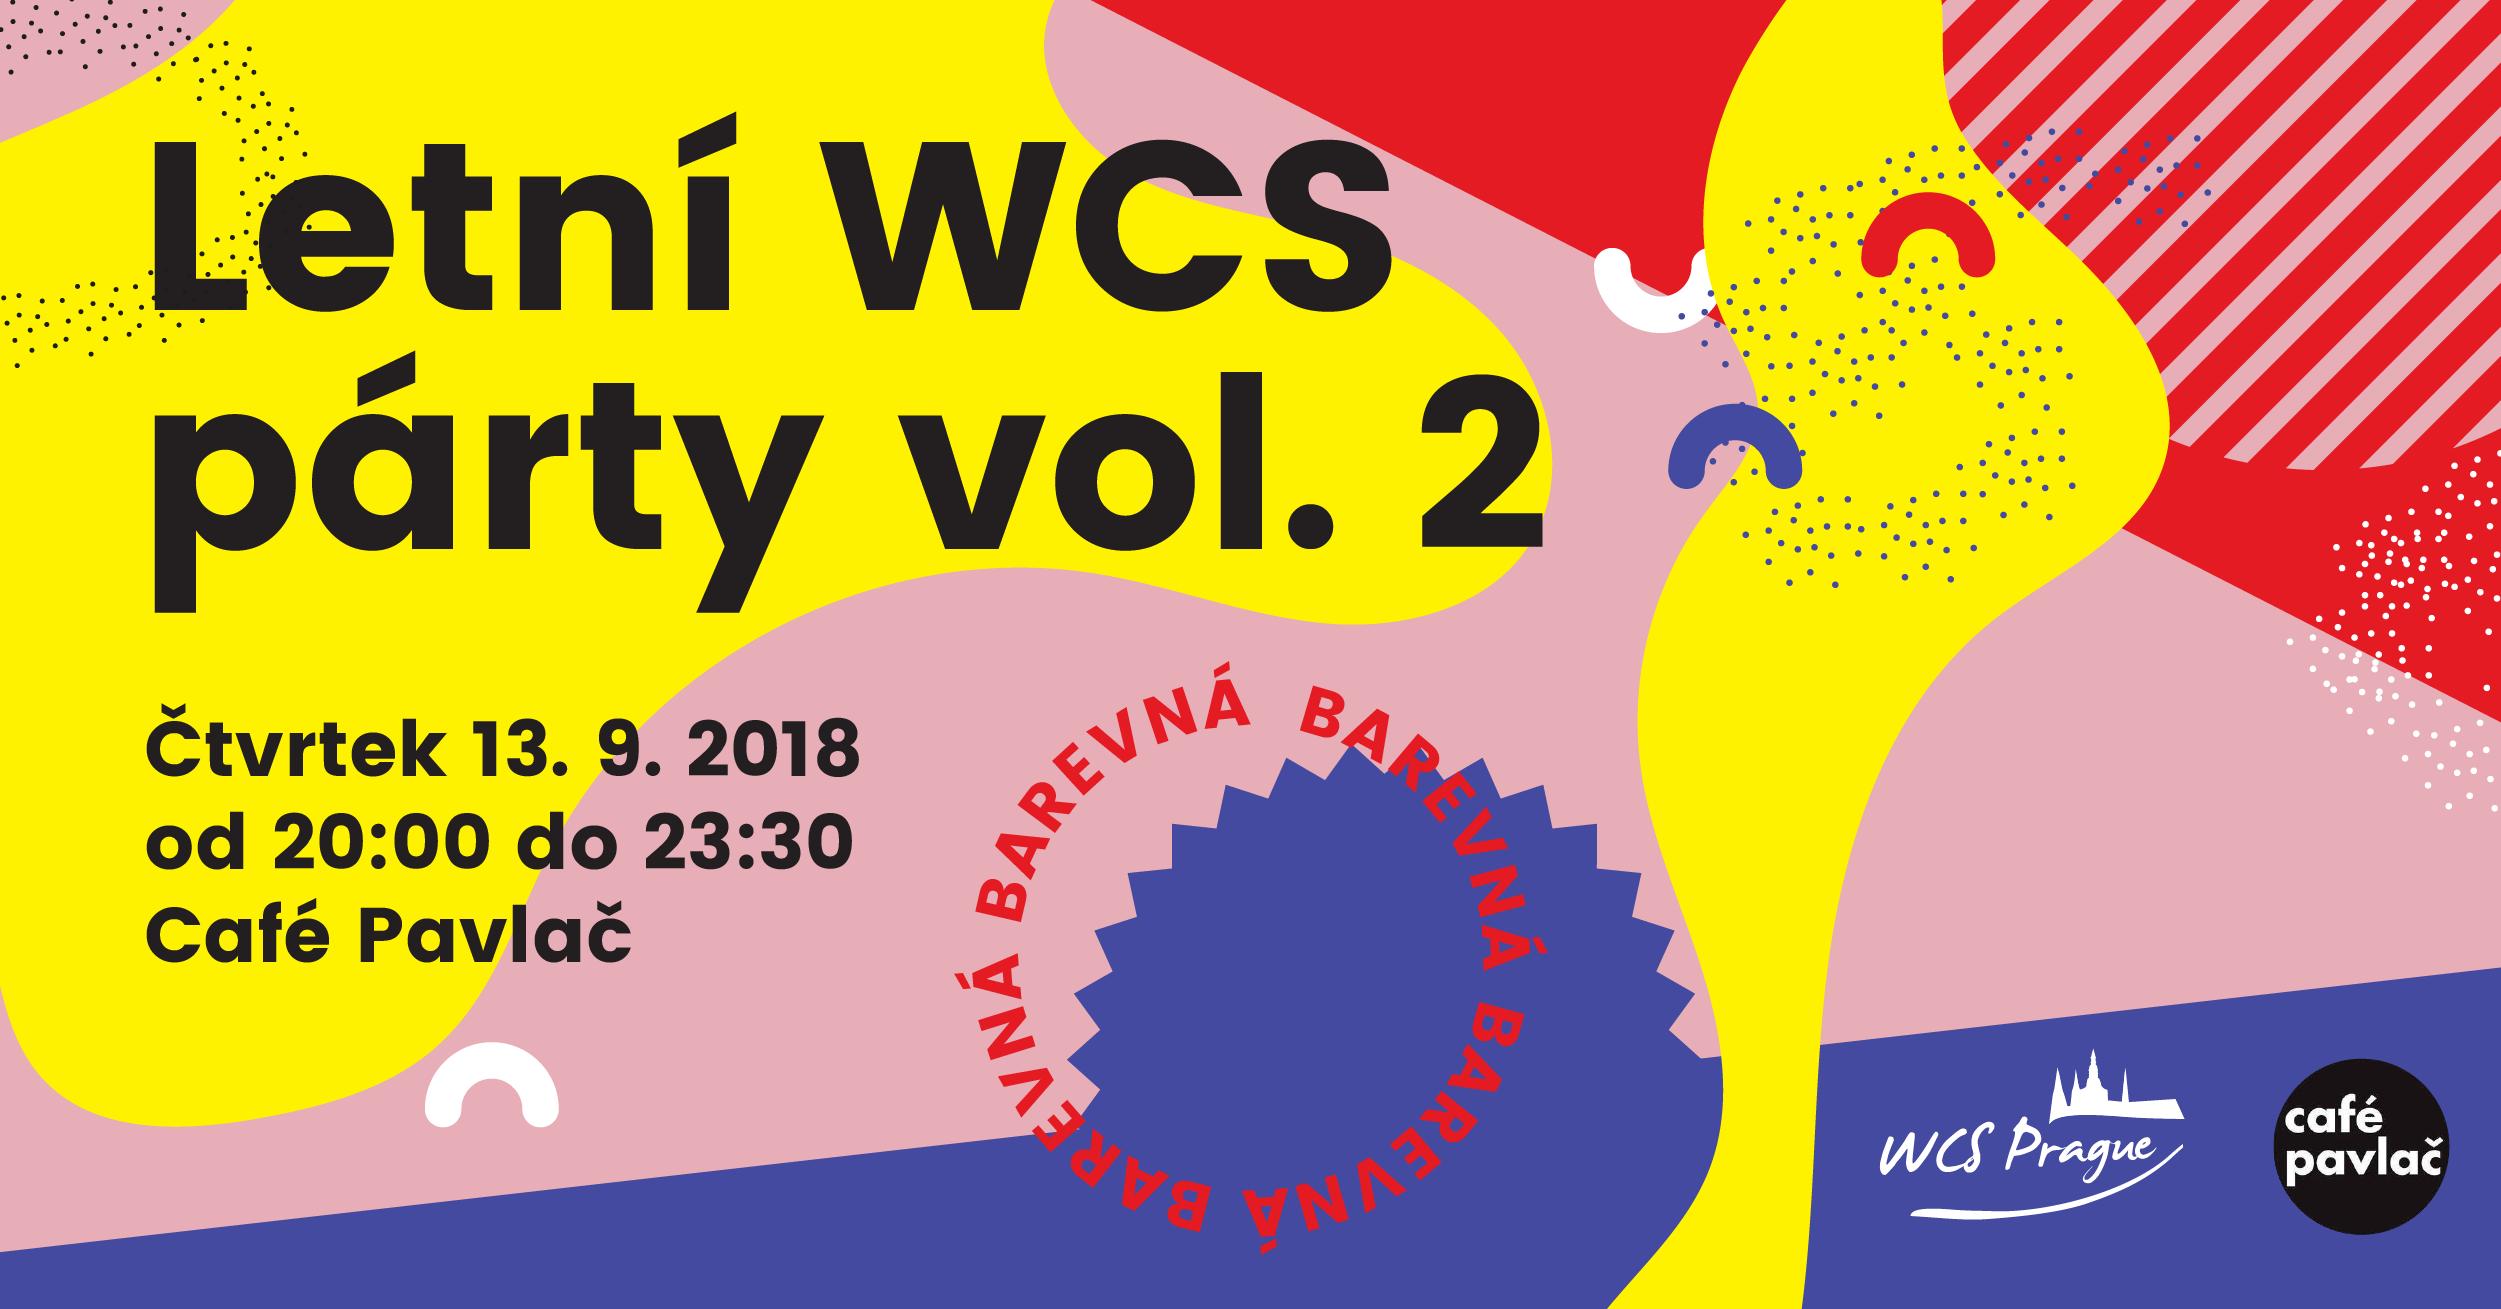 Letní WCS párty vol. 2